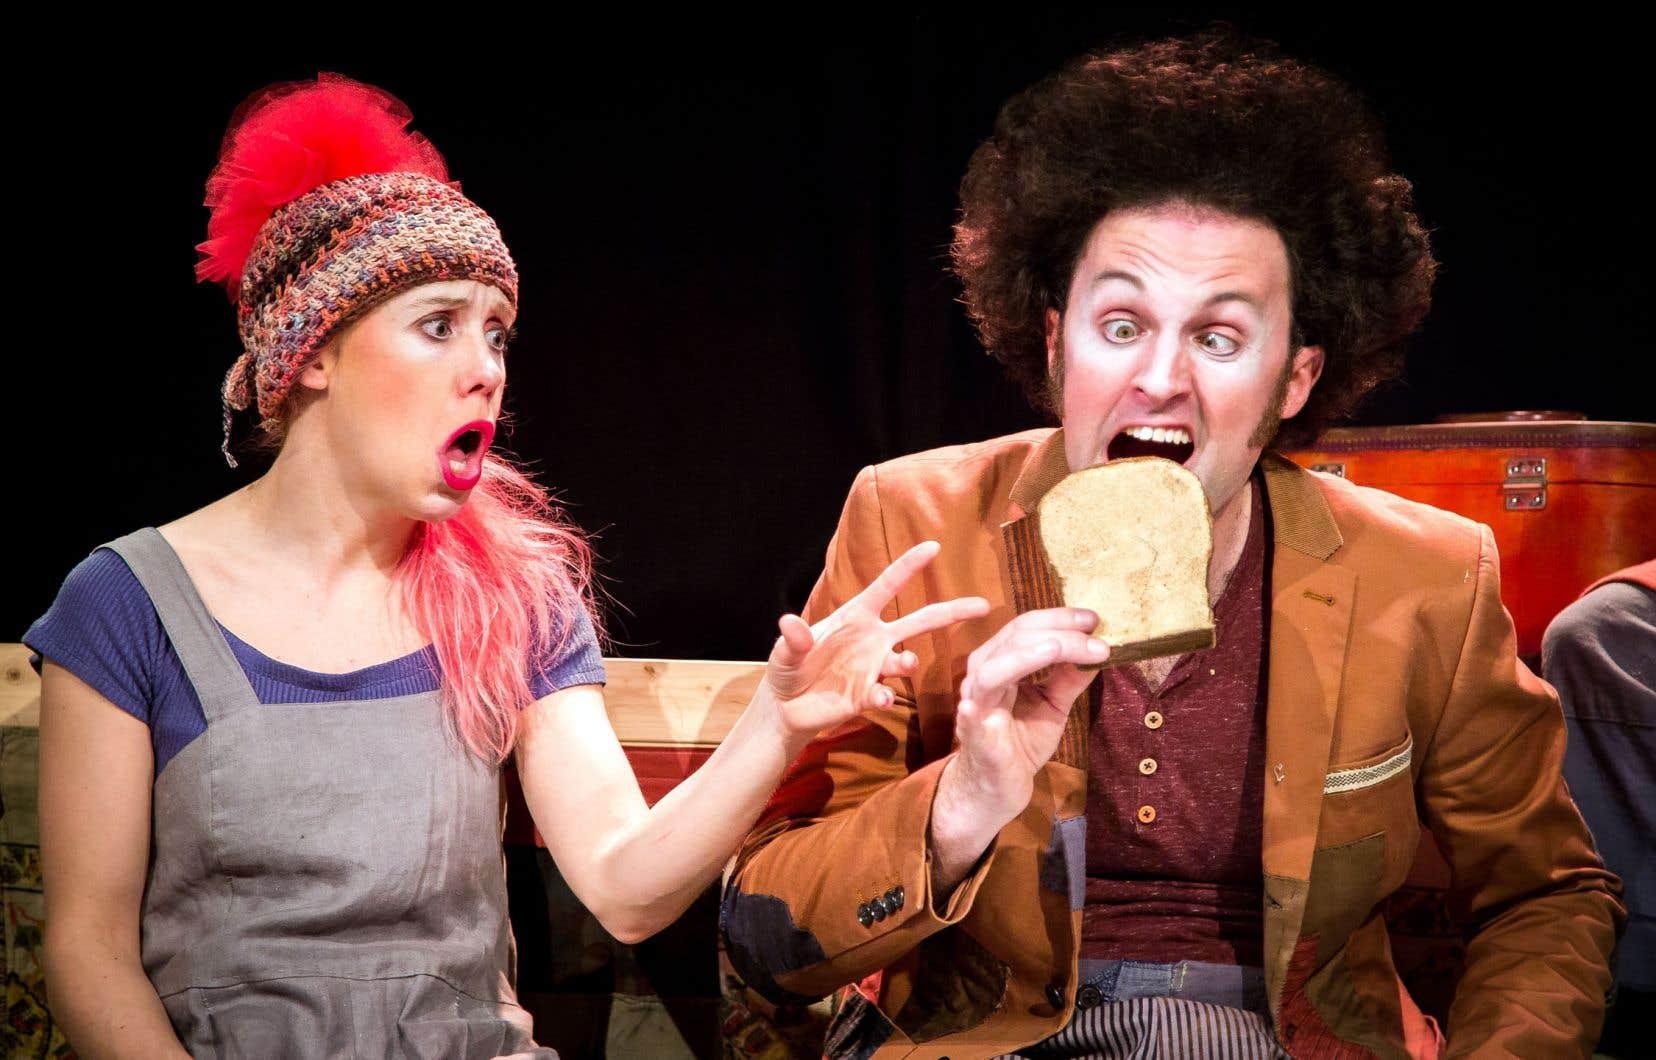 Le Théâtre des Gros Becs, qui présente des œuvres jeunesse comme la fable clownesque «Ripopée», connaîtra cette saison sa plus petite saison des cinq dernières années, en raison de la chute de réservations scolaires.